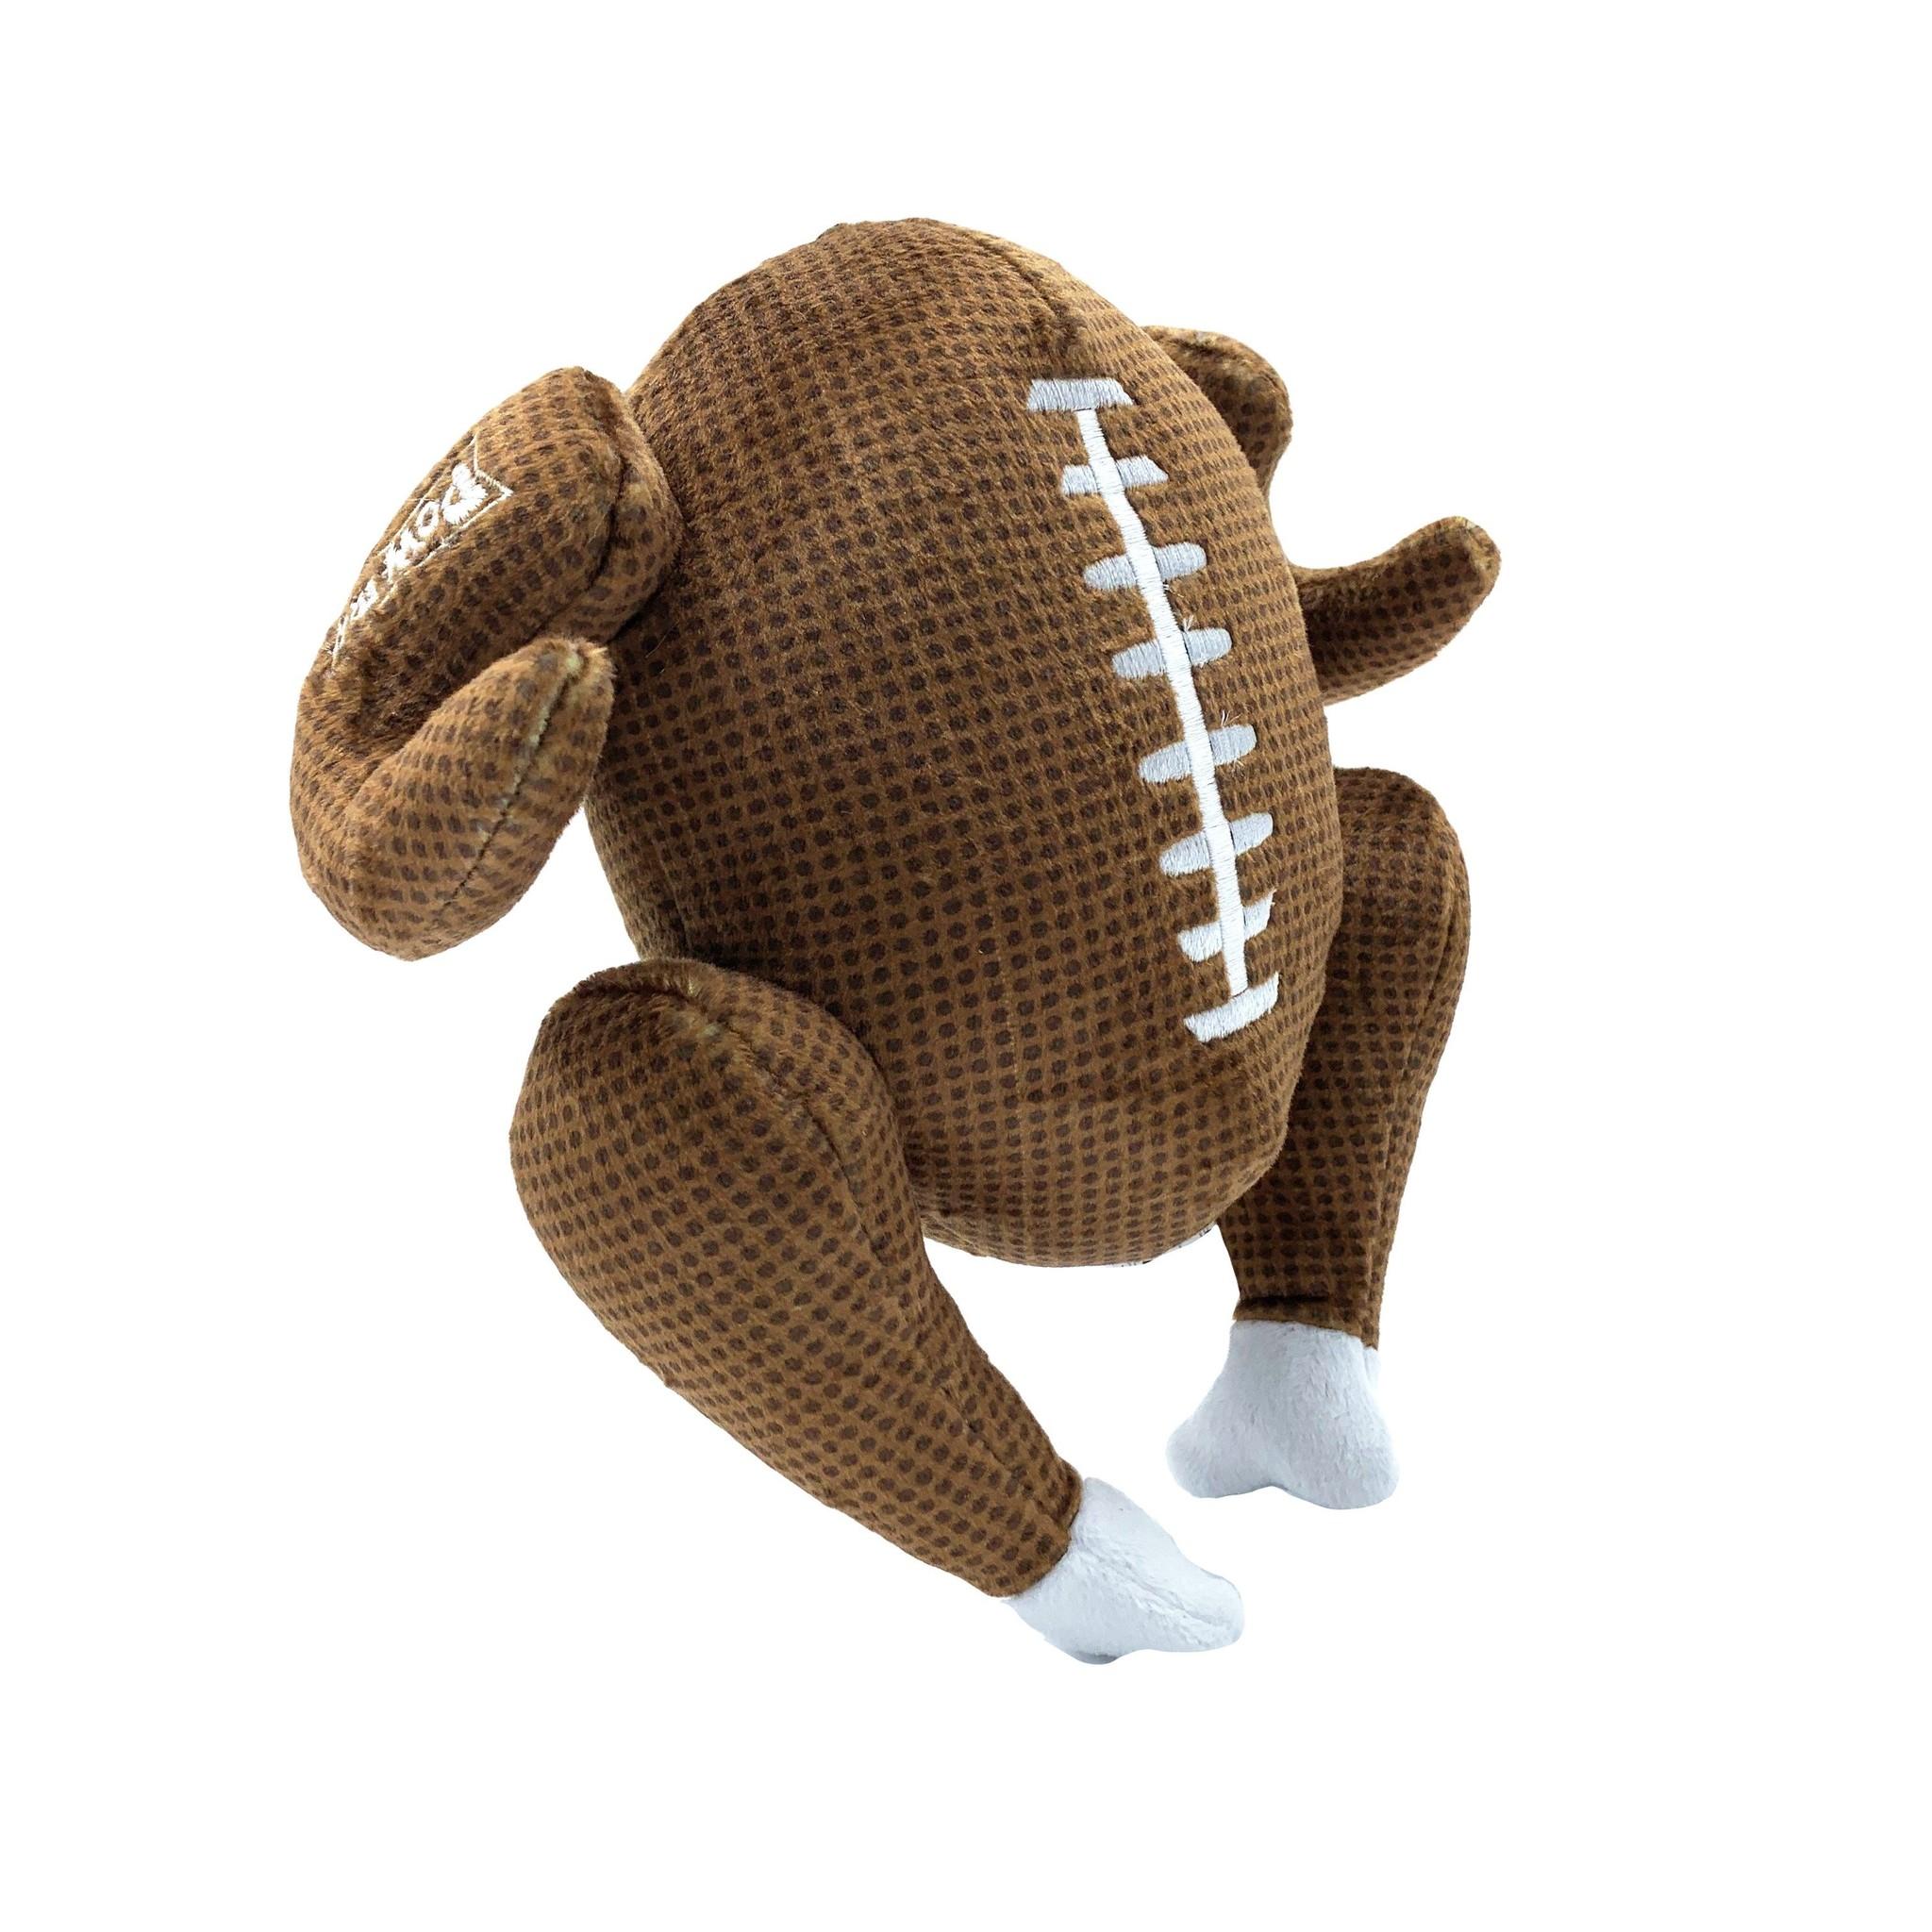 Lulubelle's Power Plush Turkey Bowl Dog Toy